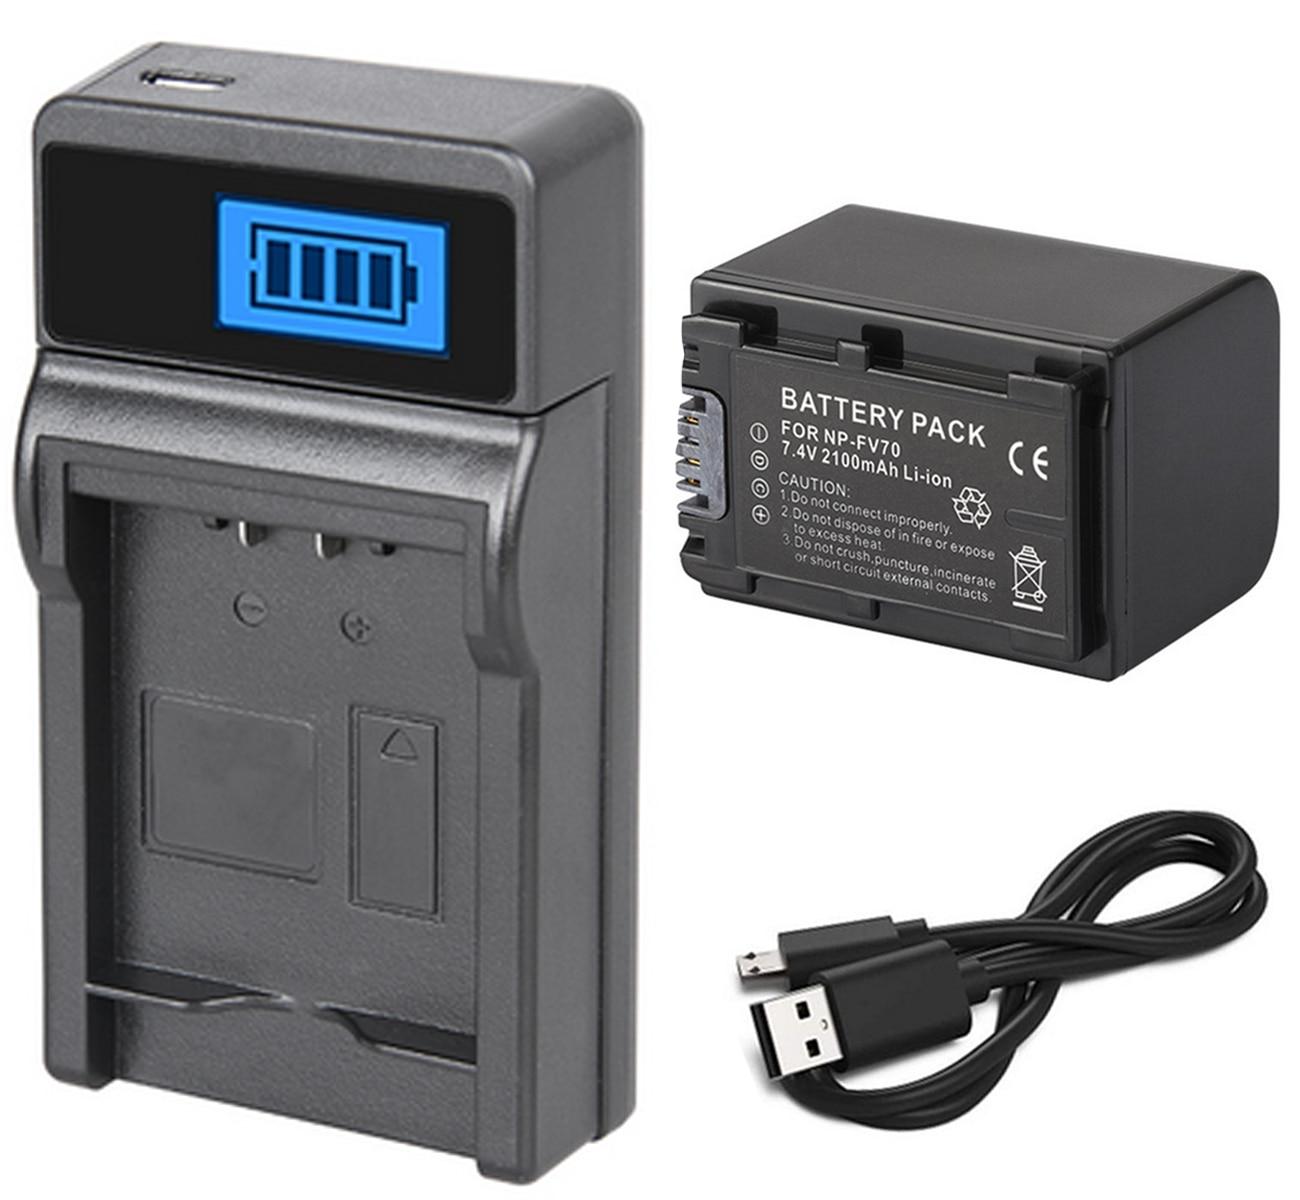 Paquete de baterías + cargador para Sony HDR-XR150E, HDR-XR155E, HDR-XR160E, HDR-XR260VE, HDR-XR350VE,...